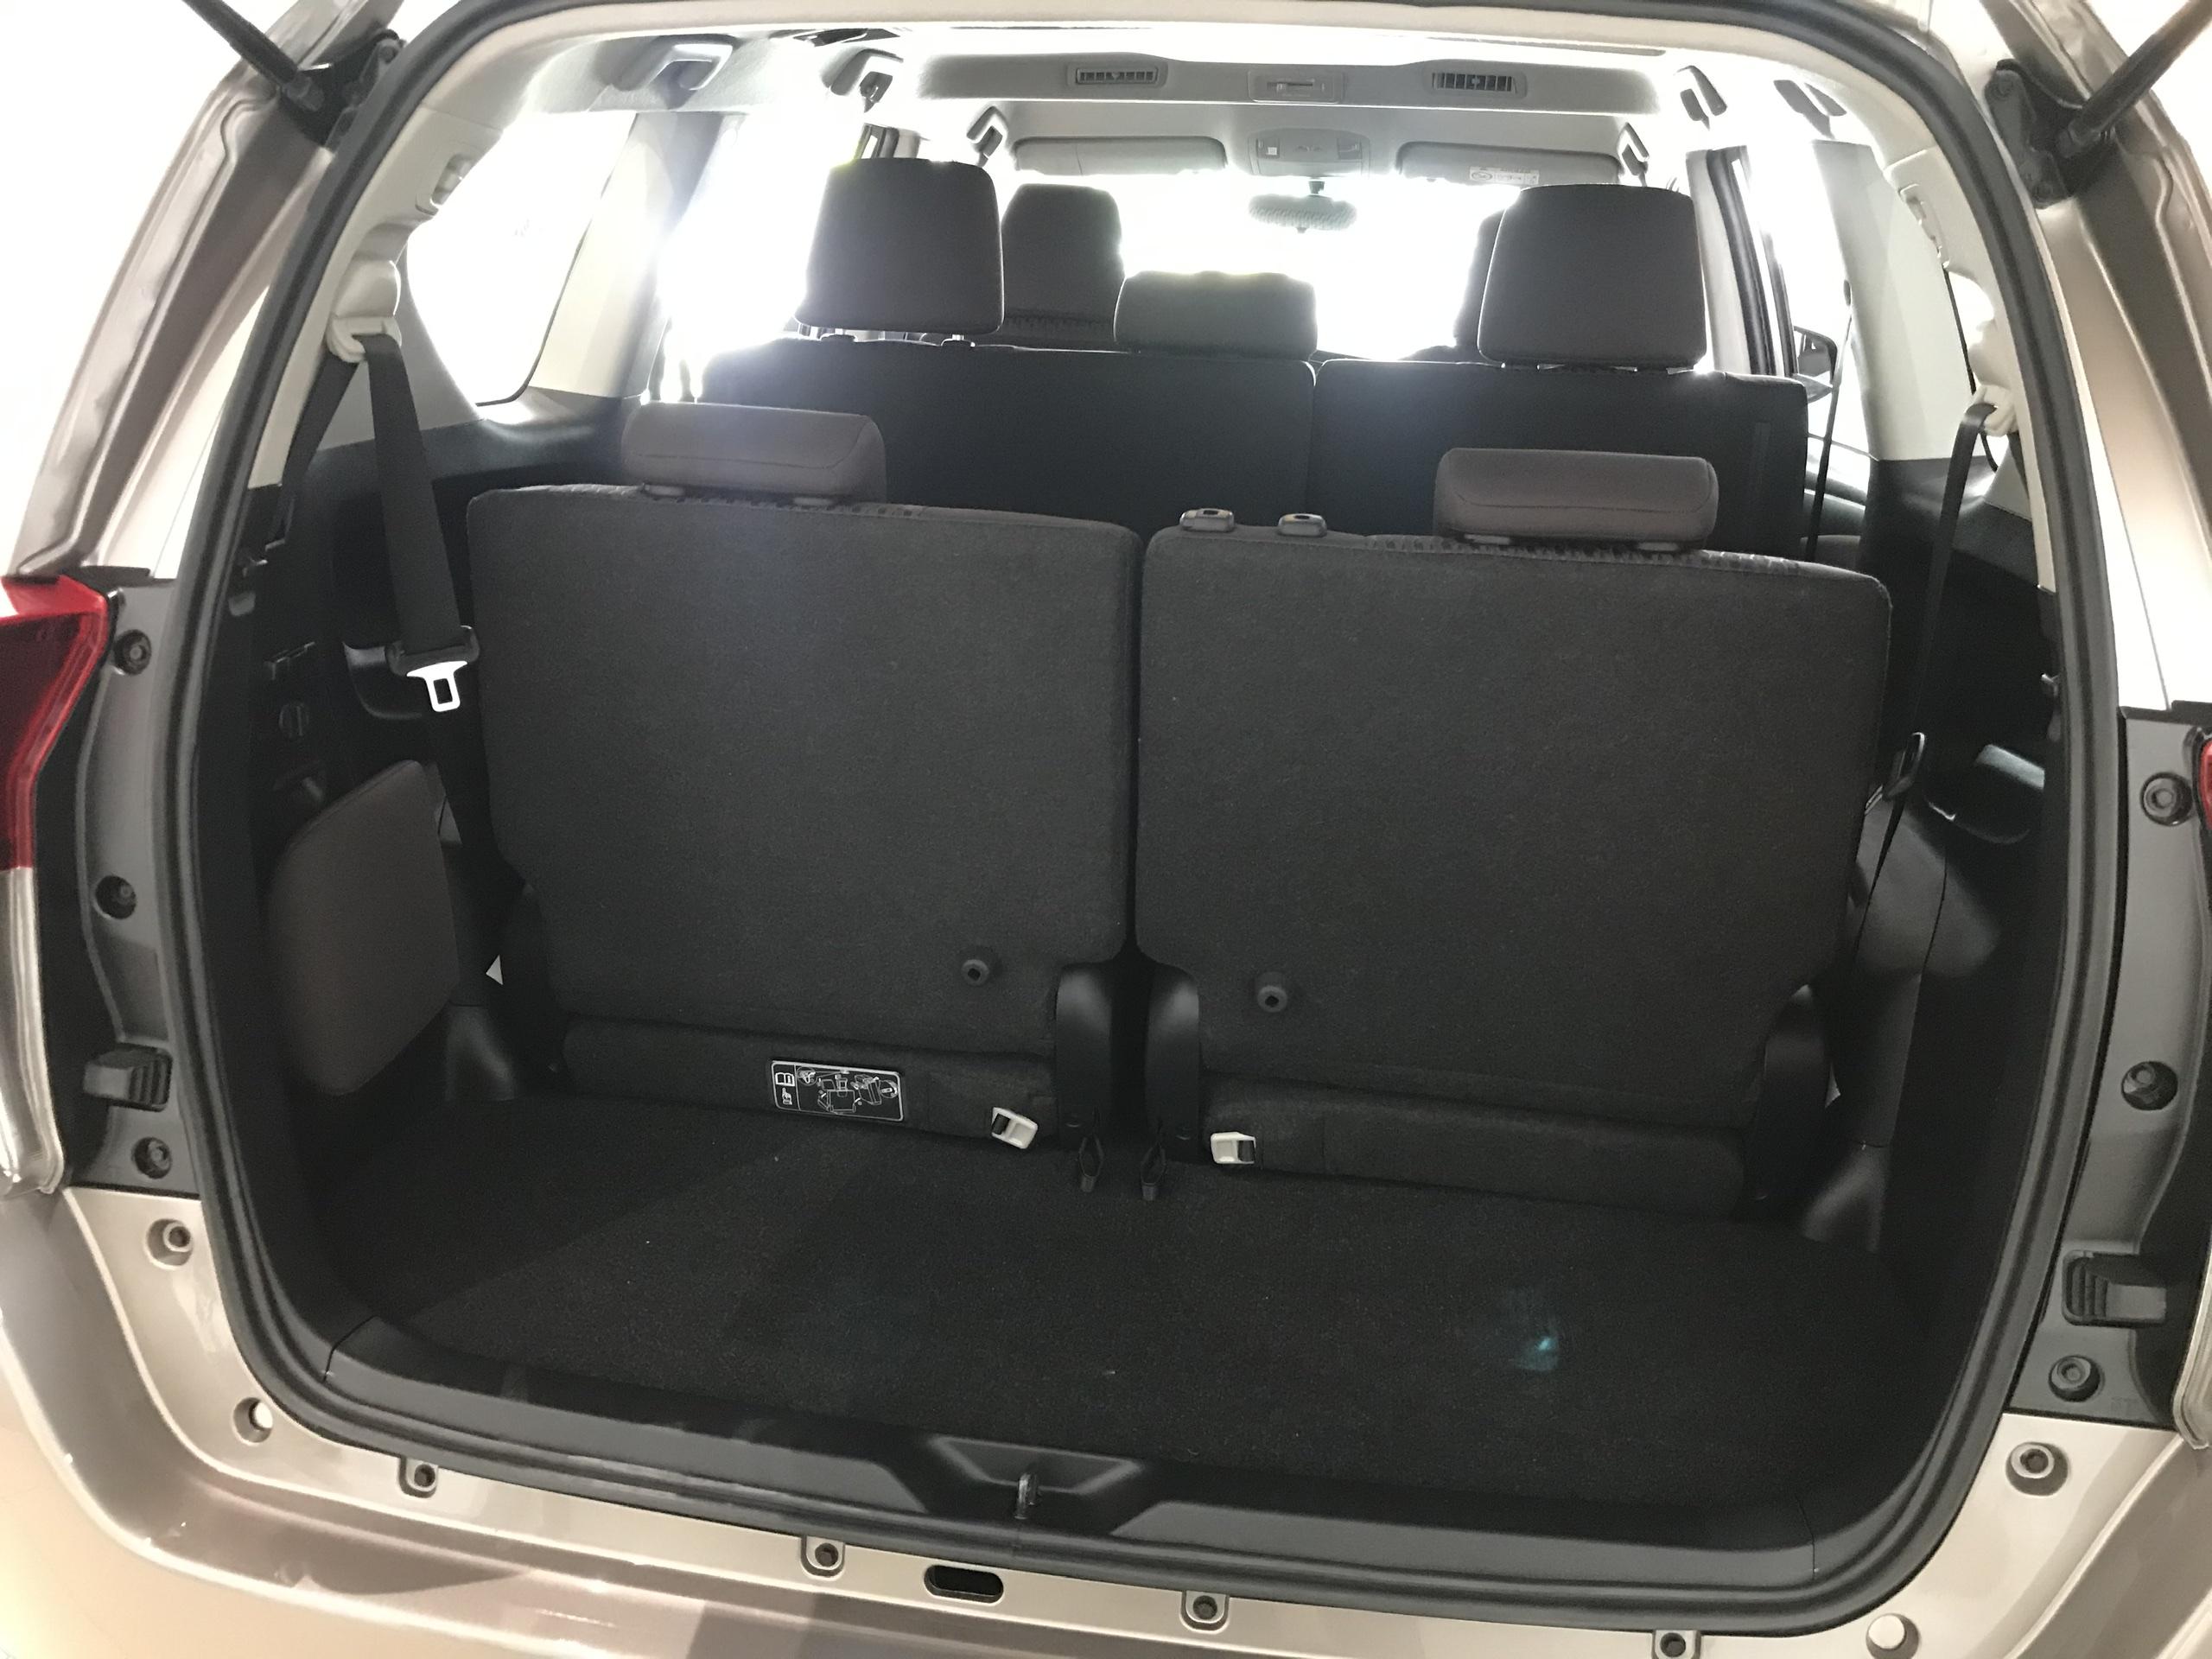 Khoang hành lý trên Toyota Innova 2021 chỉ đủ dùng chứ không quá rộng rãi